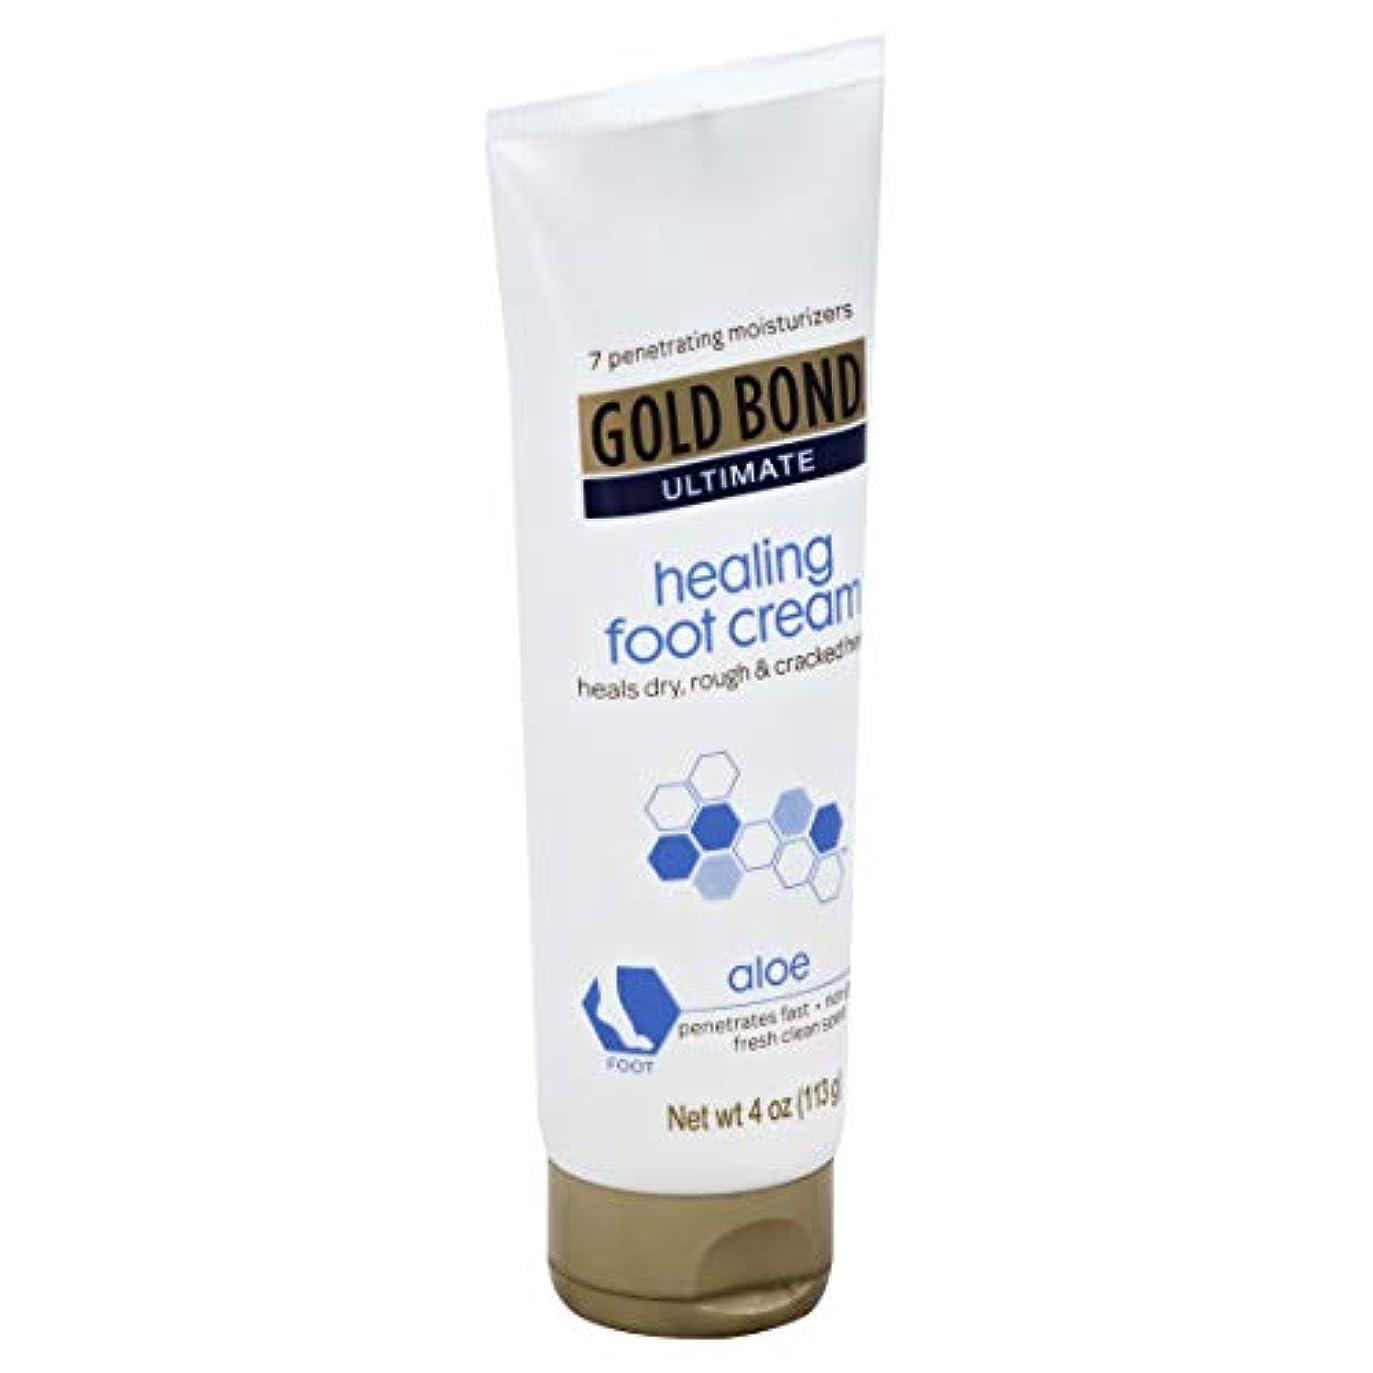 クラック防止静めるGold Bond Healing Foot Therapy Cream 120 ml (並行輸入品)